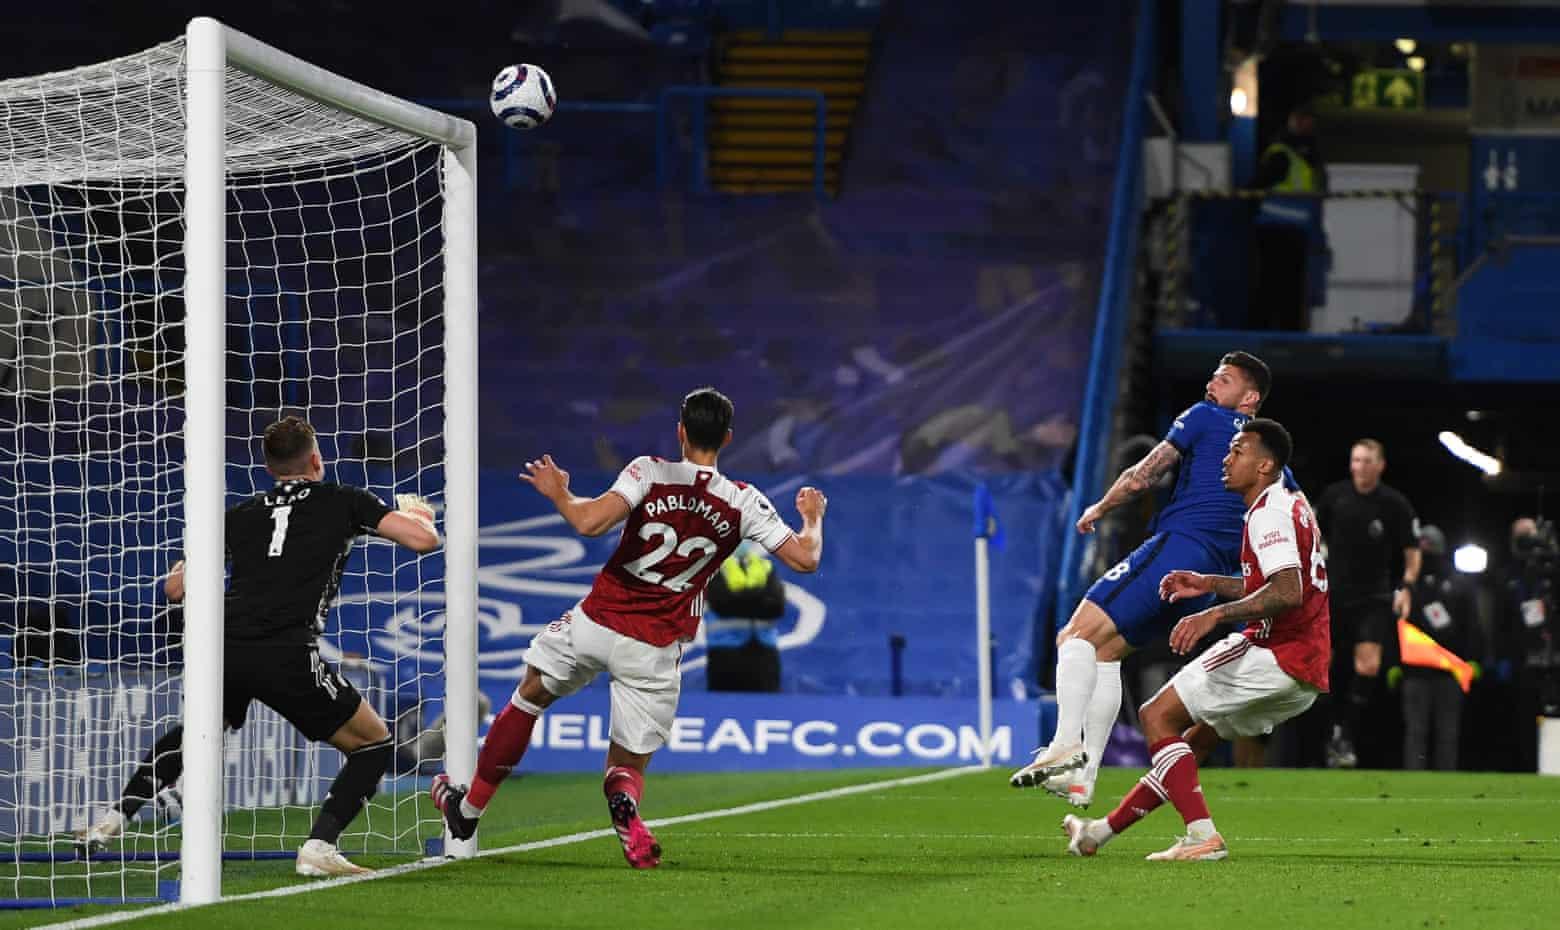 ..., Giroud membentur mistar gawang tepat setelah itu adalah peluang terbaik Chelsea dalam kekalahan Arsenal di Stamford Bridge.  Foto: NMC Pool